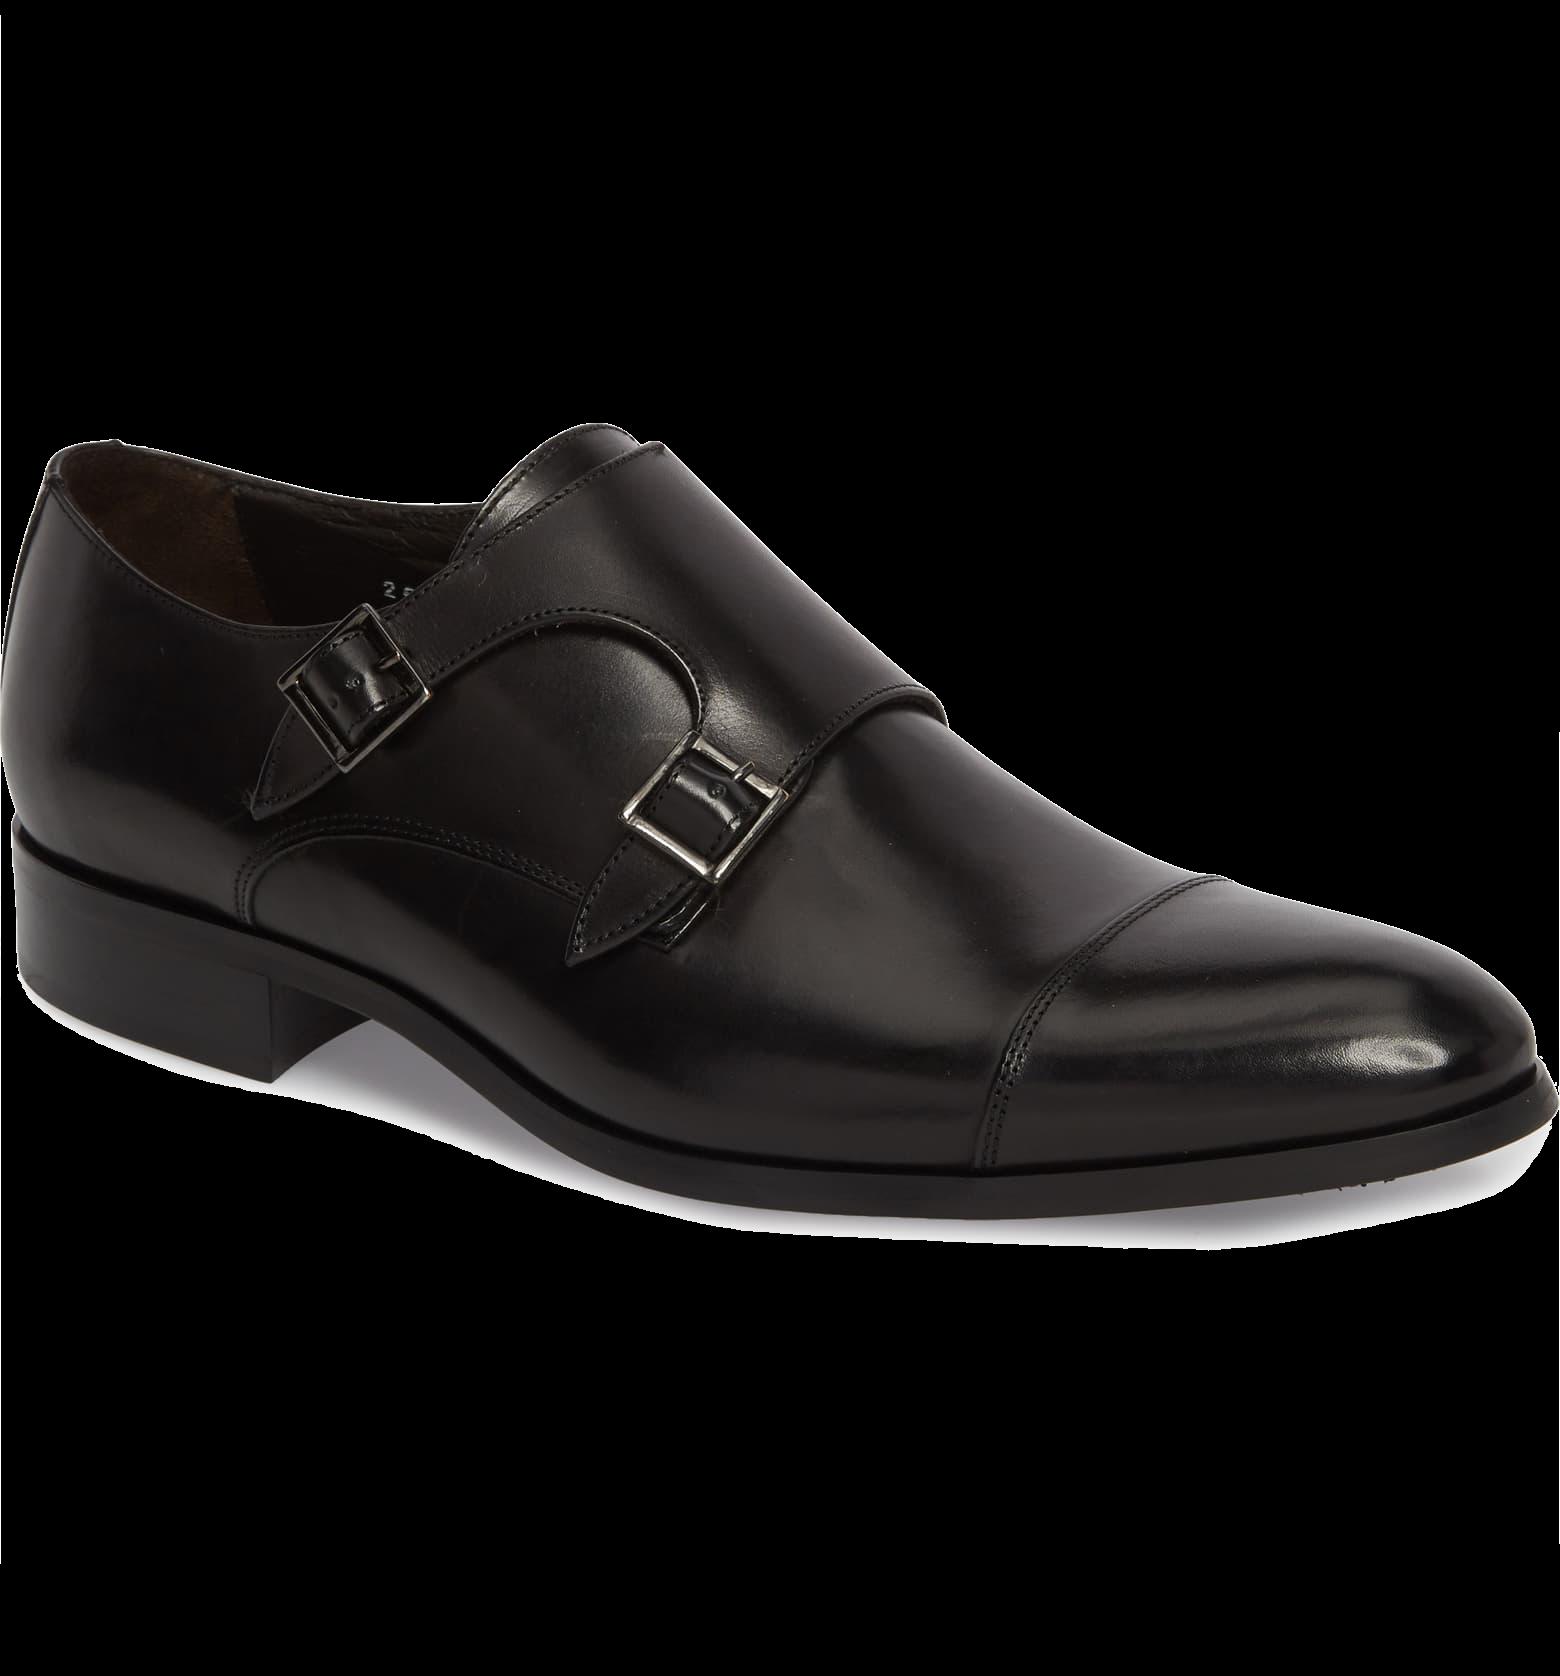 Bankston Cap Toe Double Strap Monk Shoe